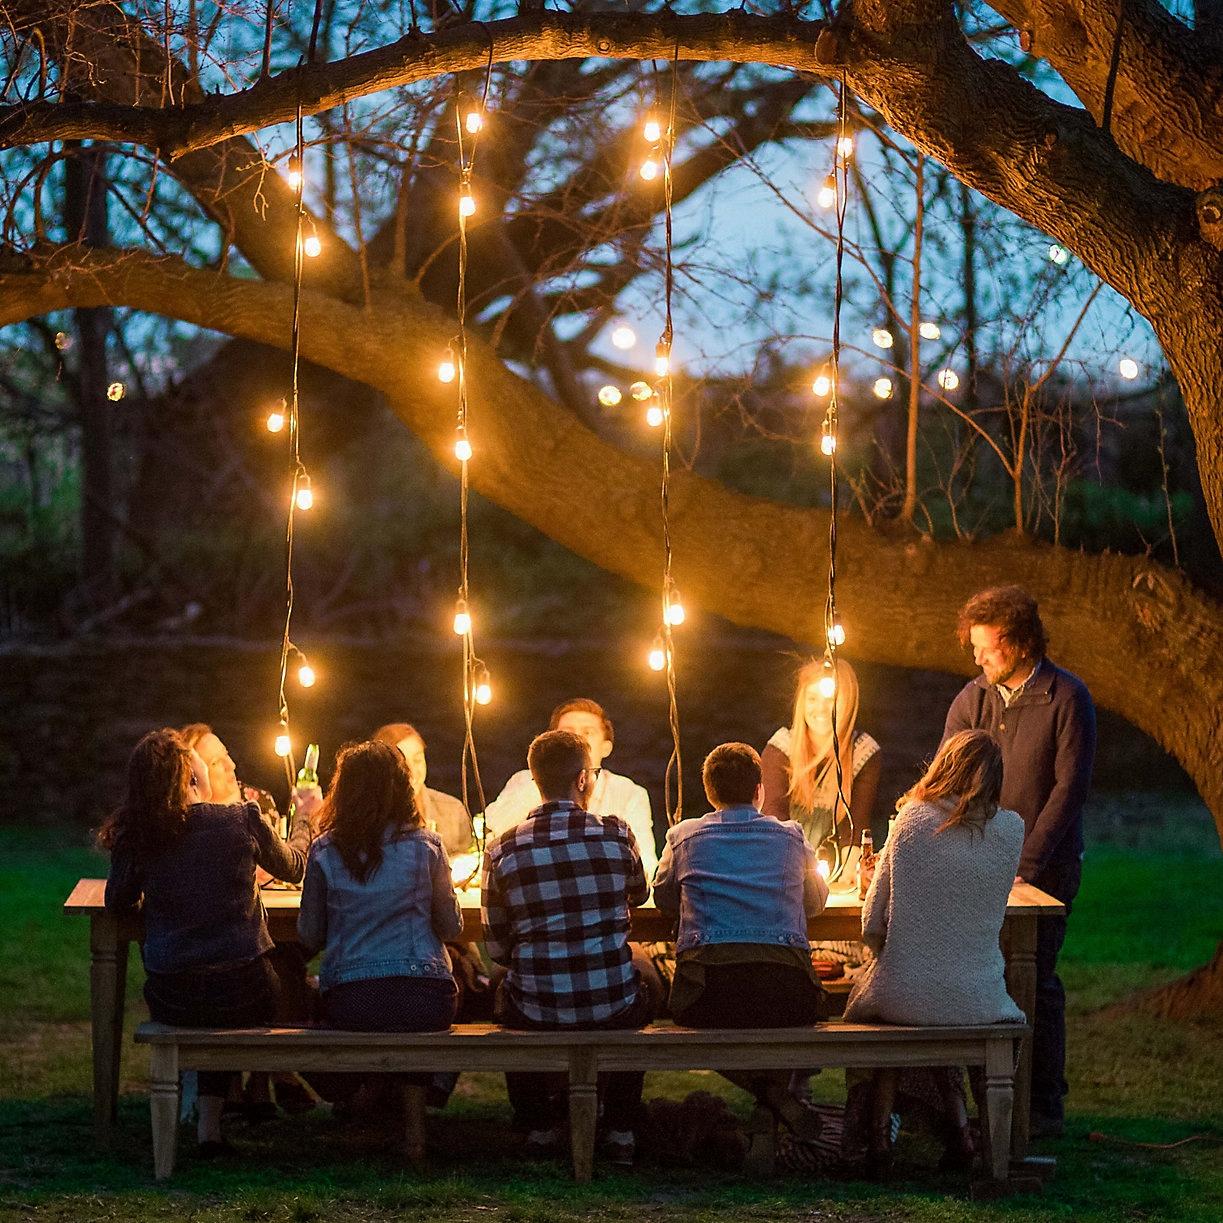 户外彩灯闪灯串灯室外防水挂灯阳台布置庭院装饰氛围G40钨丝灯泡